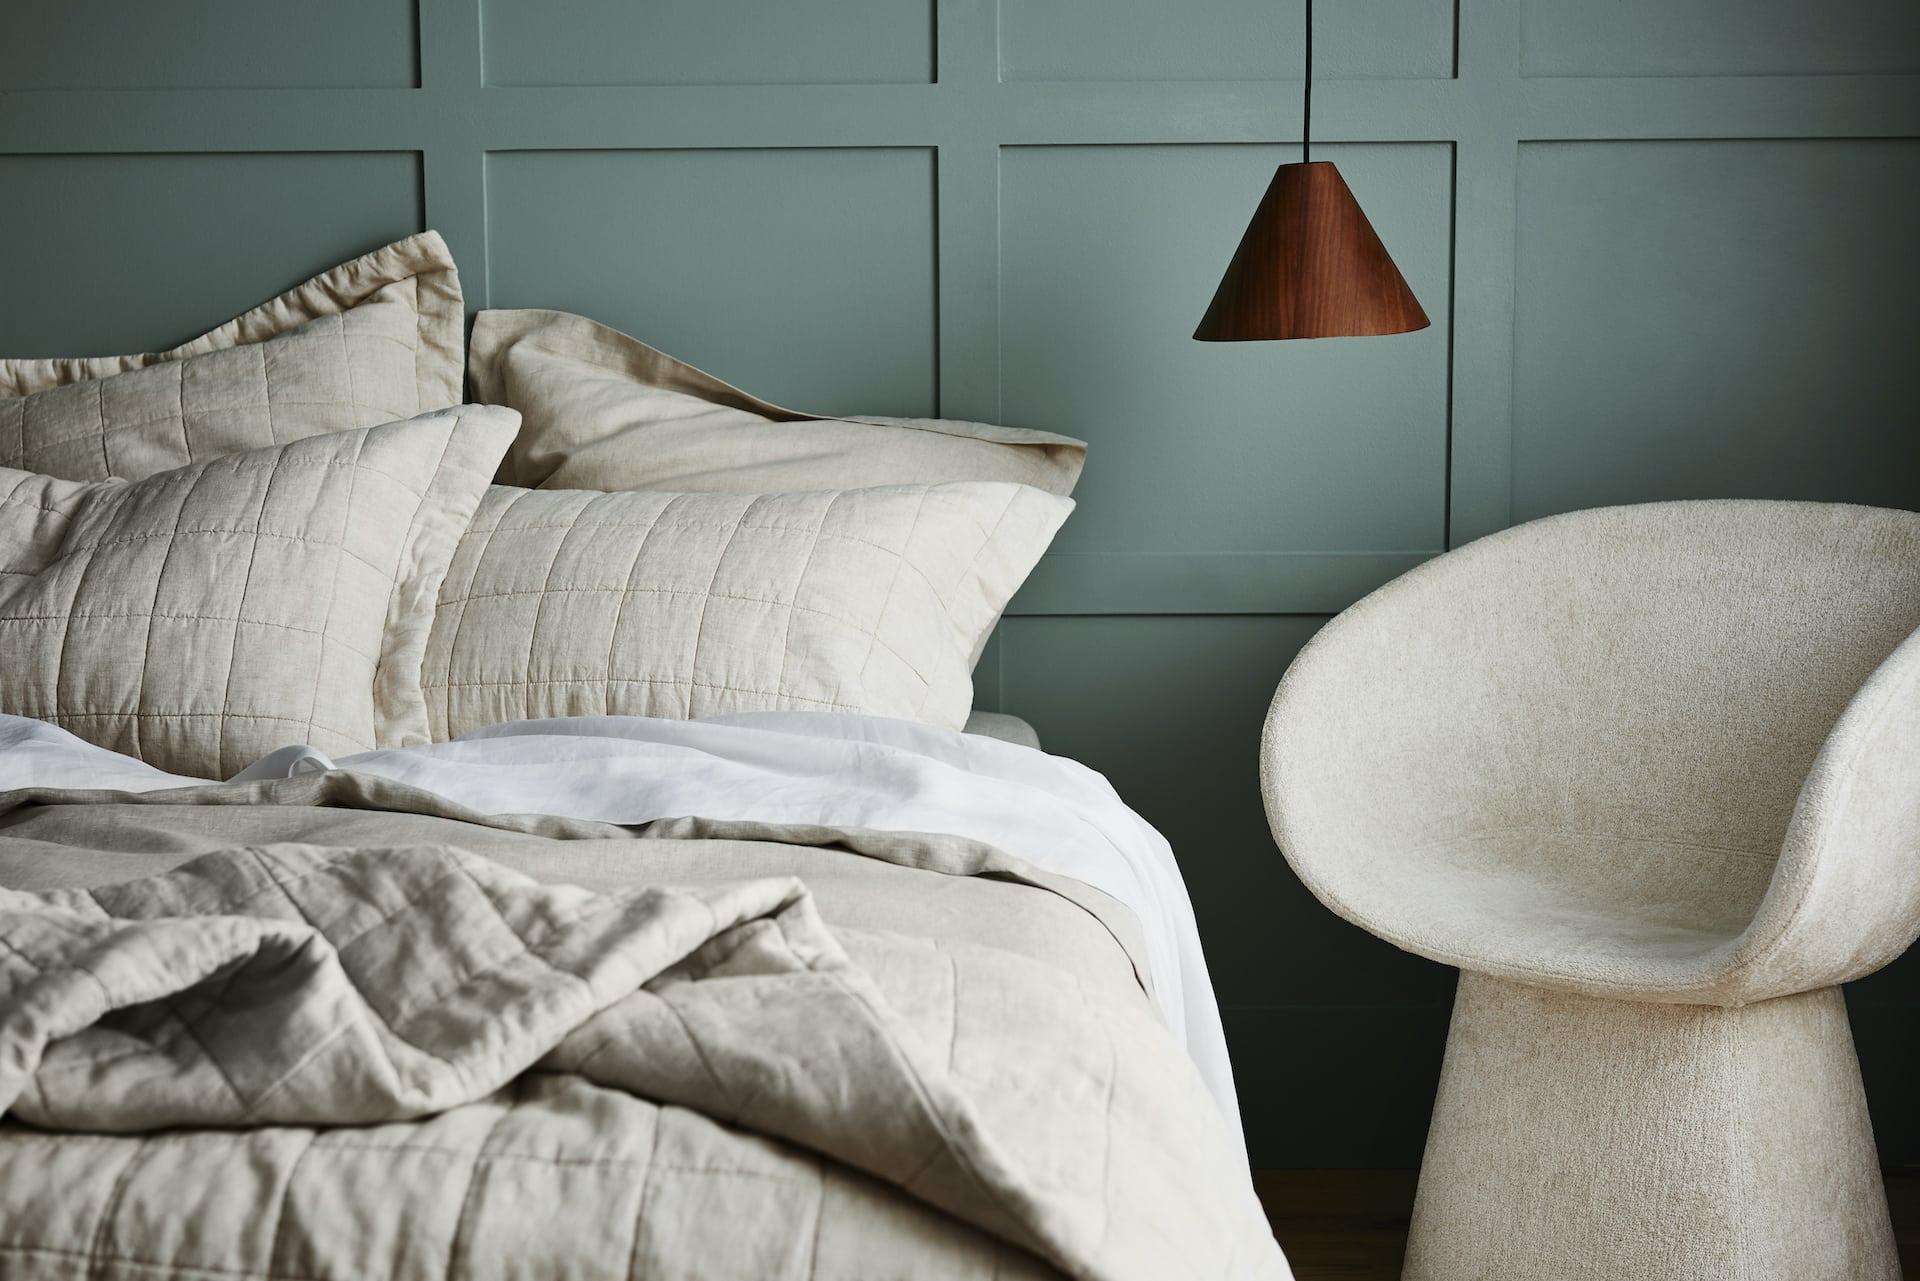 sheridan flax quilt cover set australian bed linen brands